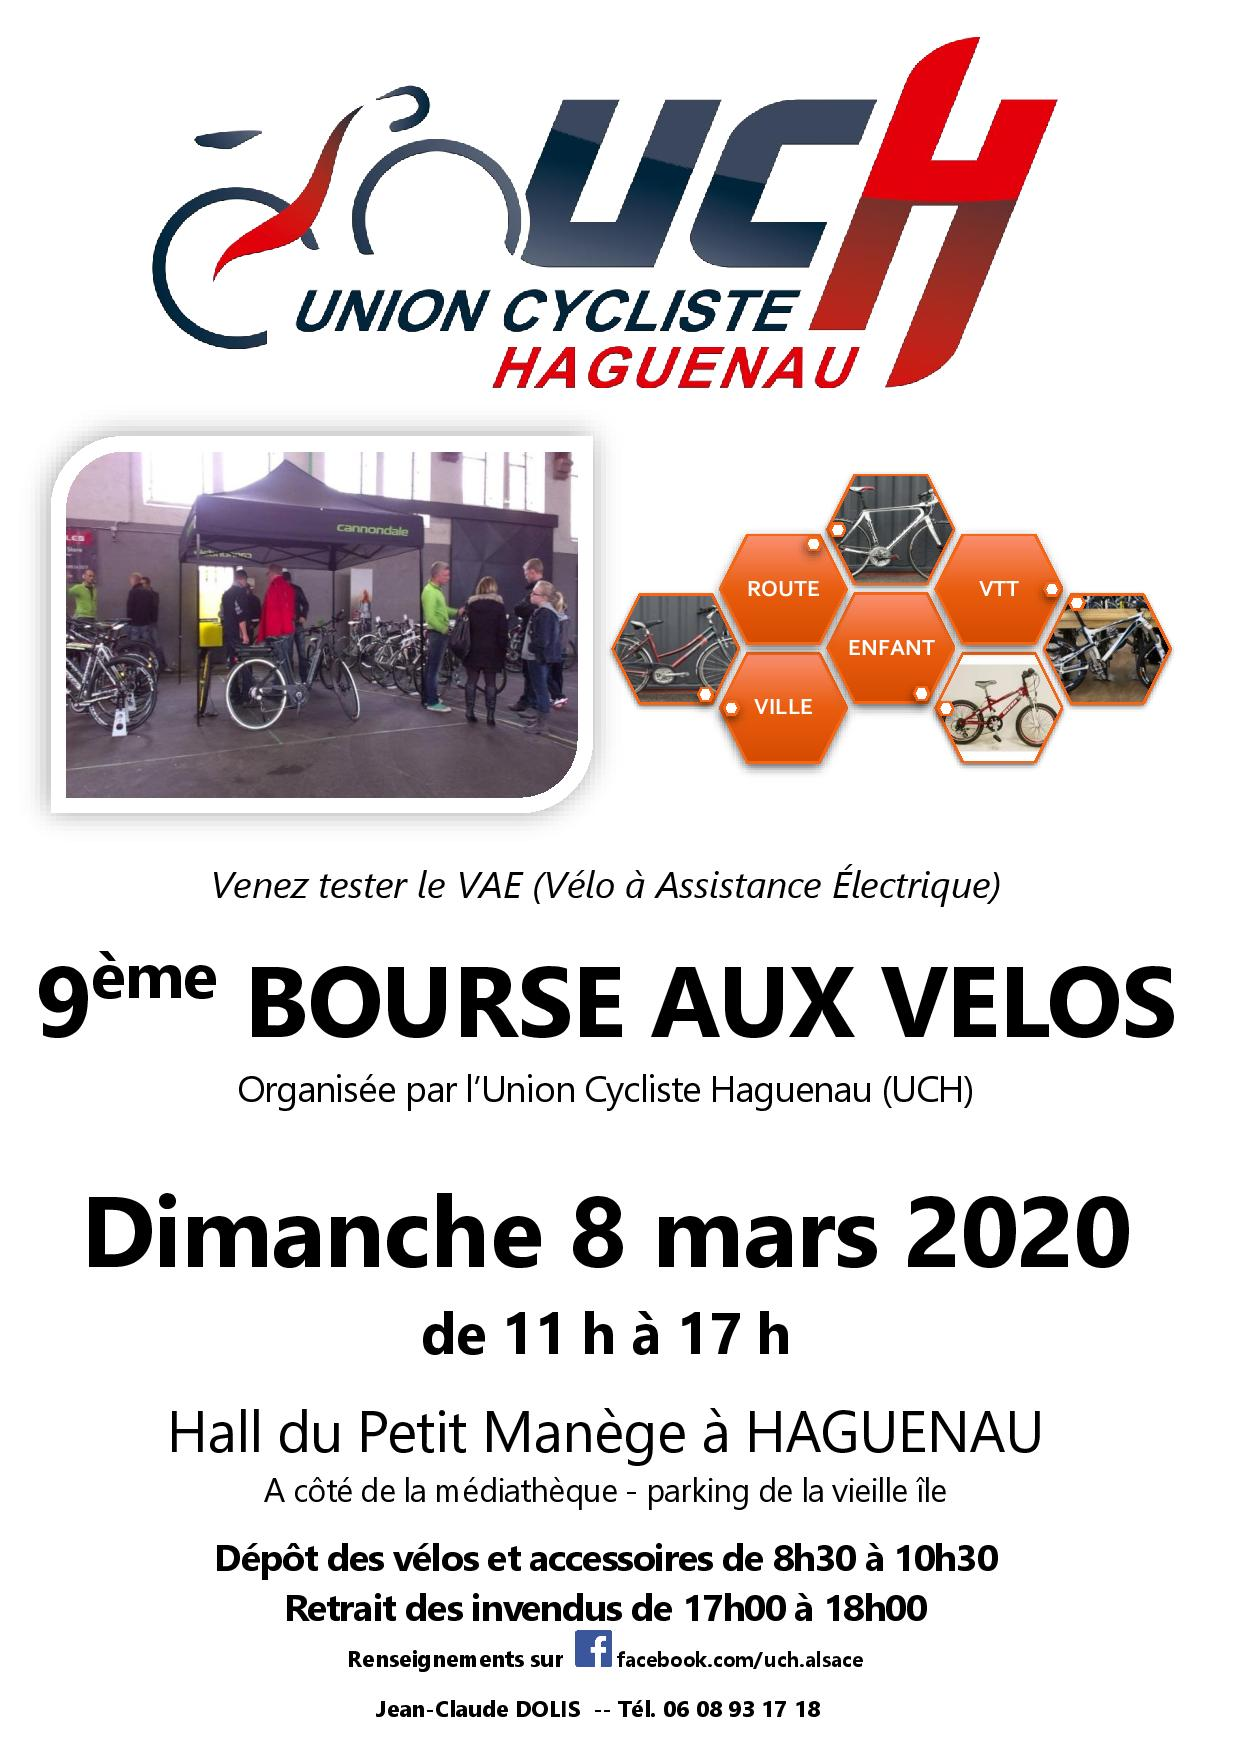 Bourse aux vélos Haguenau